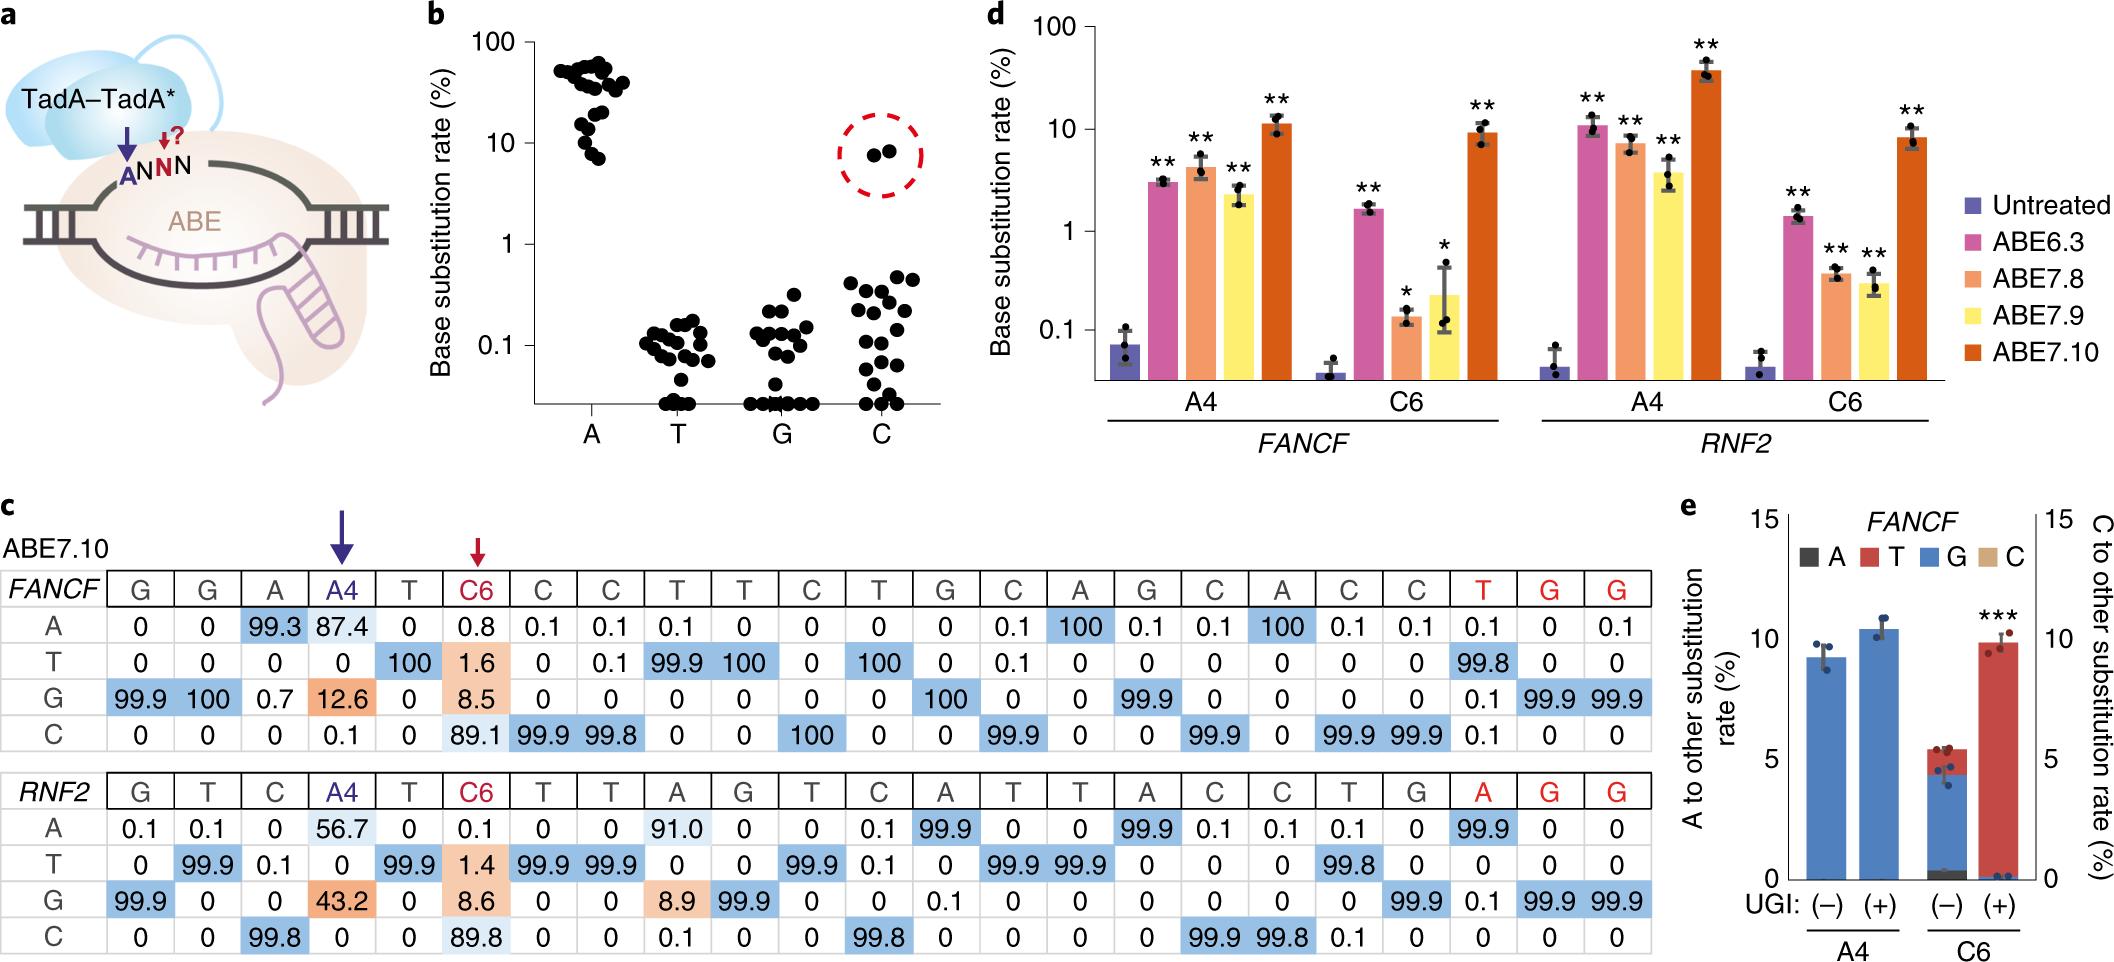 Adenine base editors catalyze cytosine conversions in human cells